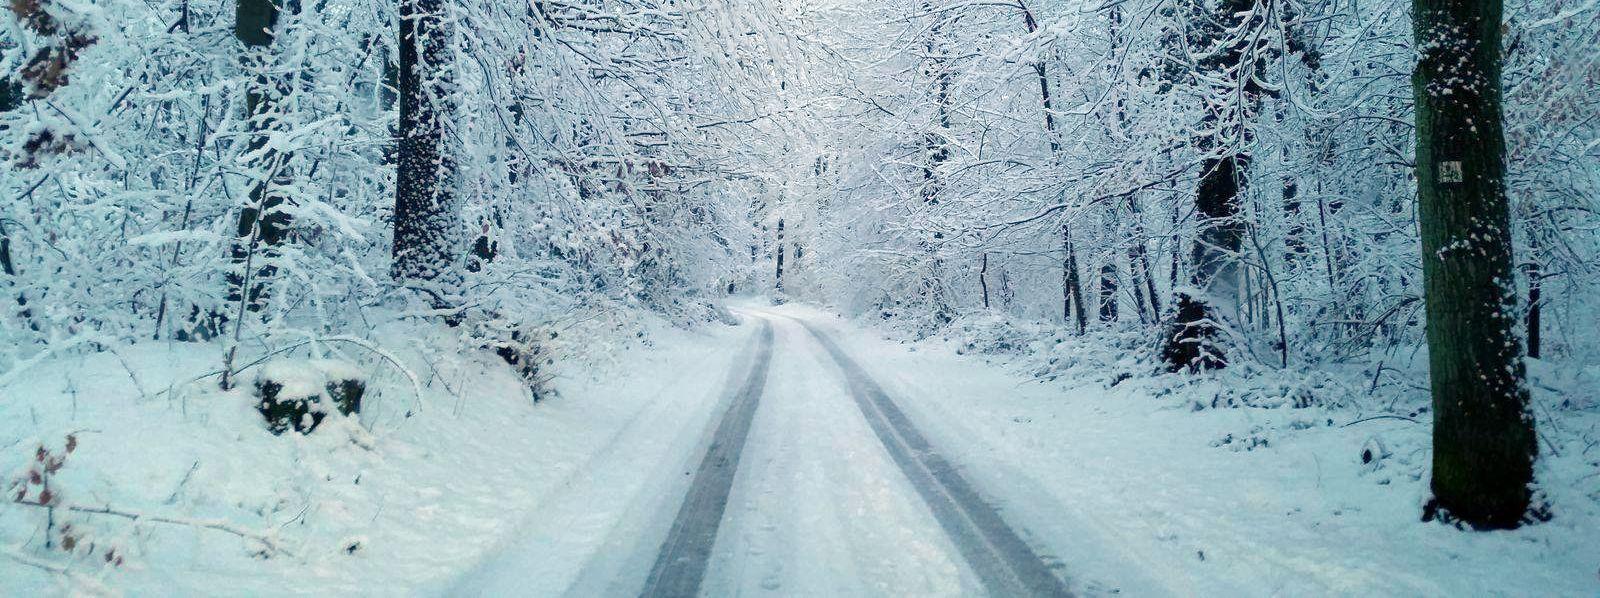 Hoher Eigenschaden nach Unfall wegen fehlender Winterreifen – wenigstens Bußgeld und Punkte vermeiden